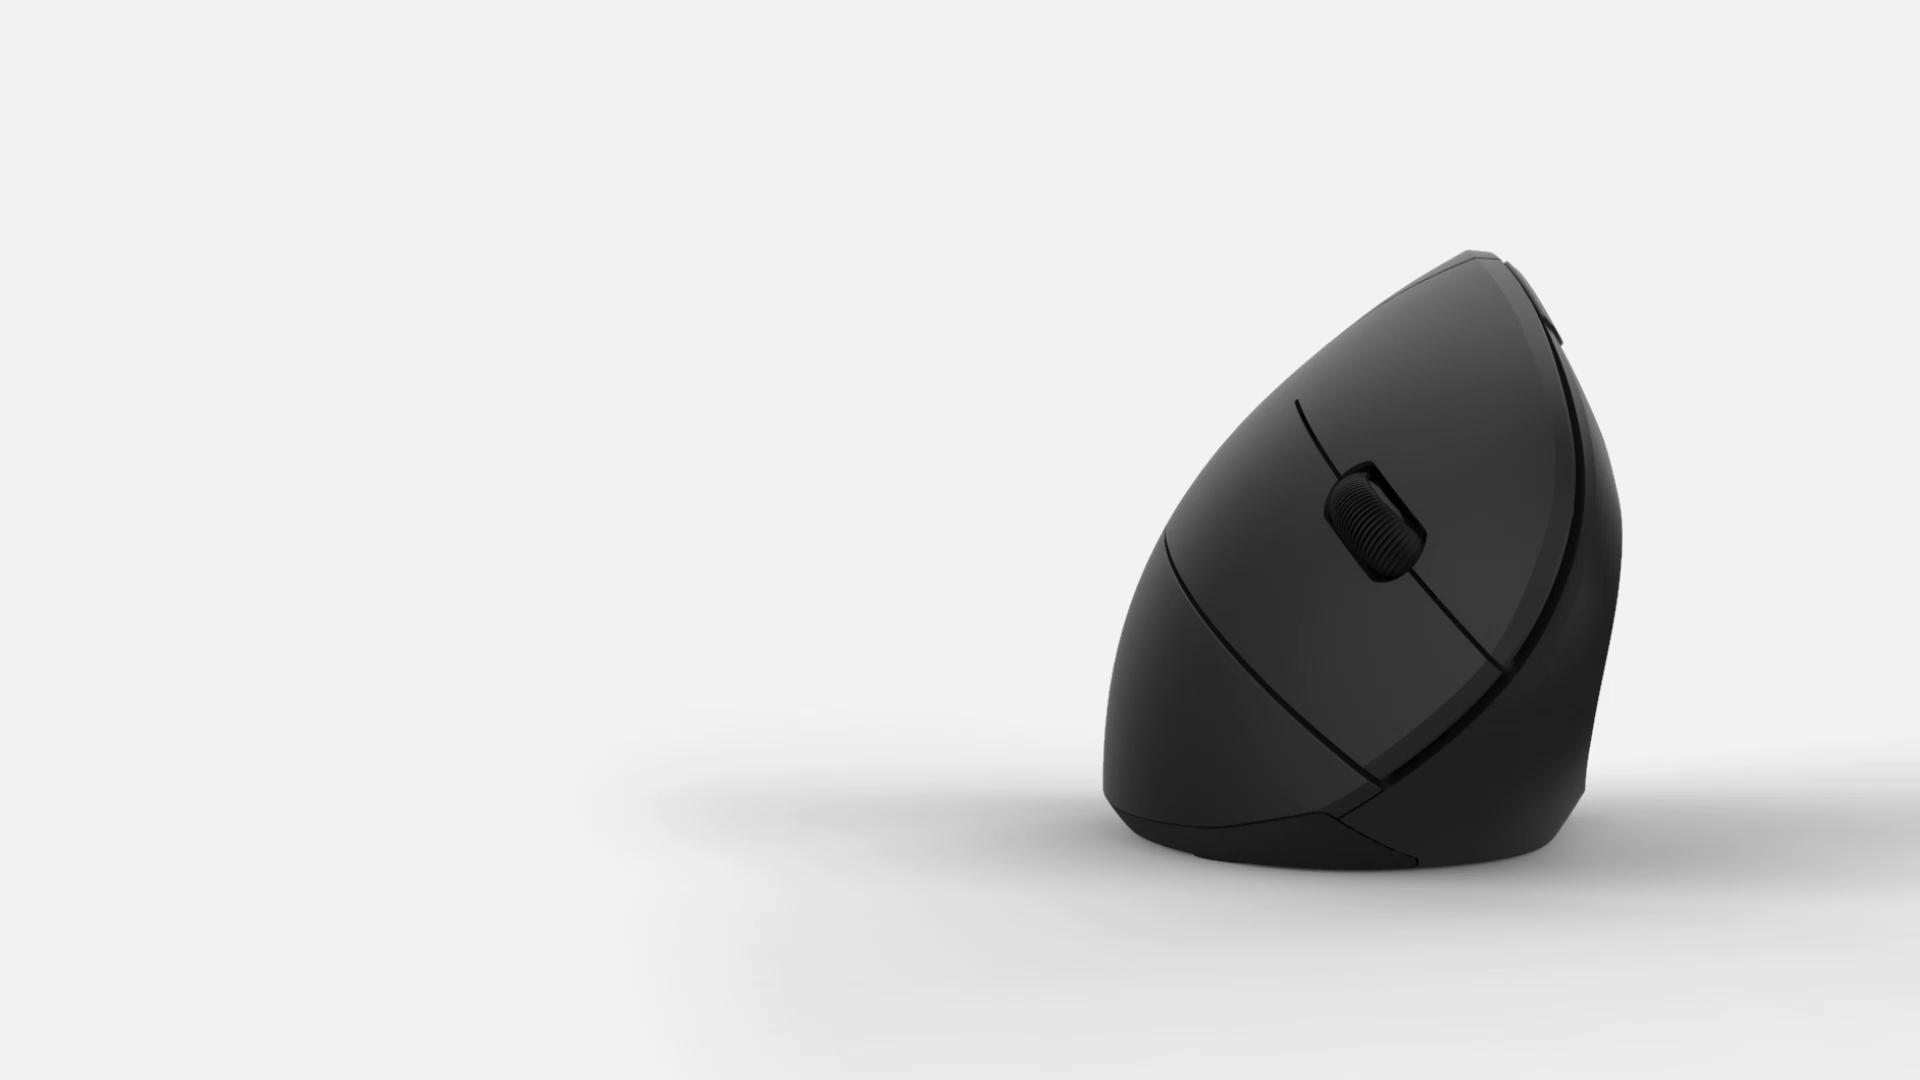 Trust Verto Wireless Vertikale Ergonomische Maus RSI: Amazon